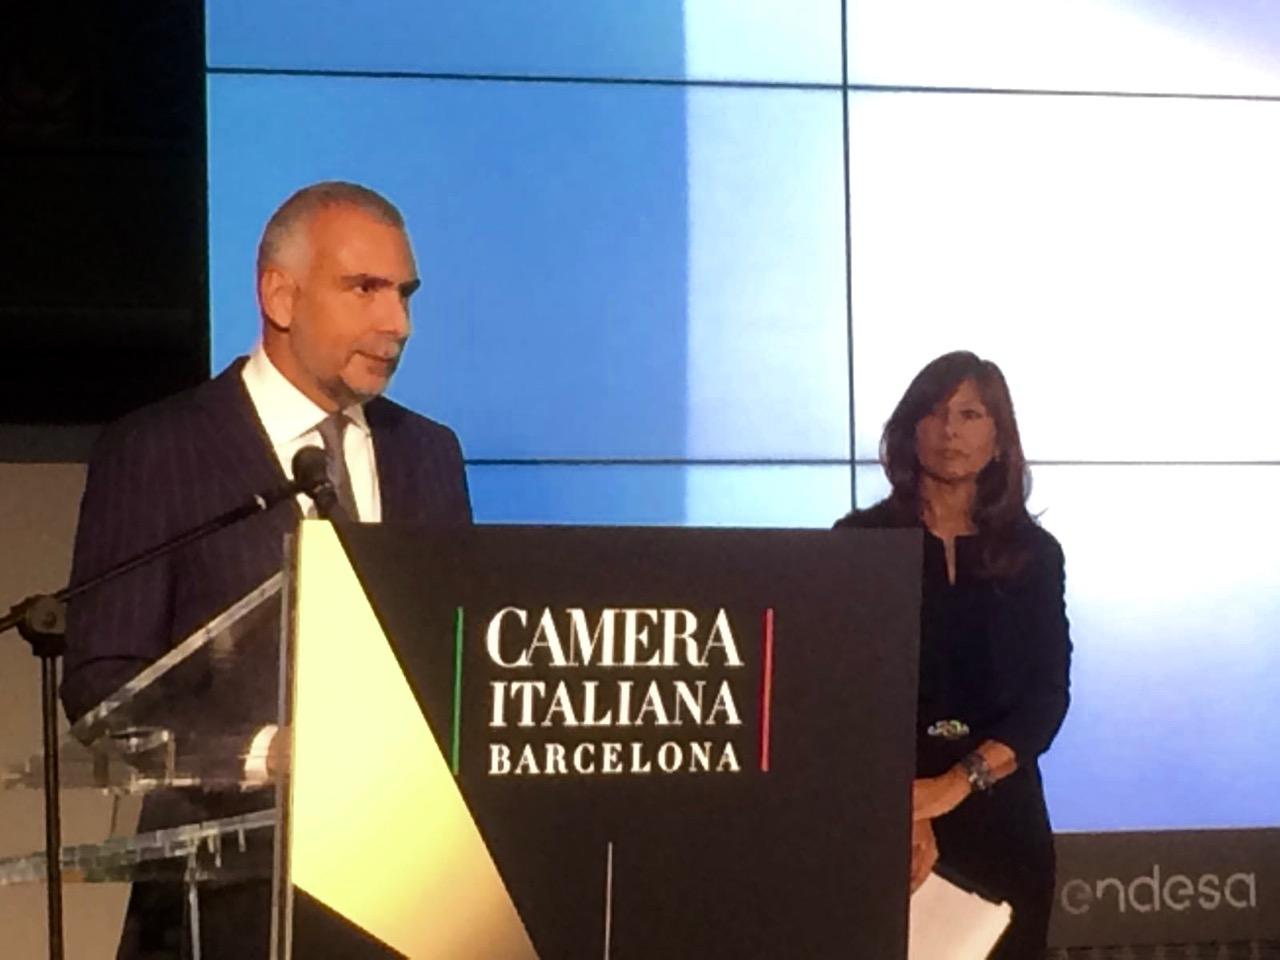 L'Ambasciatore d'Italia in Spagna, Stefano Sannino durante il suo discorso di chiusura della terza edizione del Premio Faro del Mediterraneo.